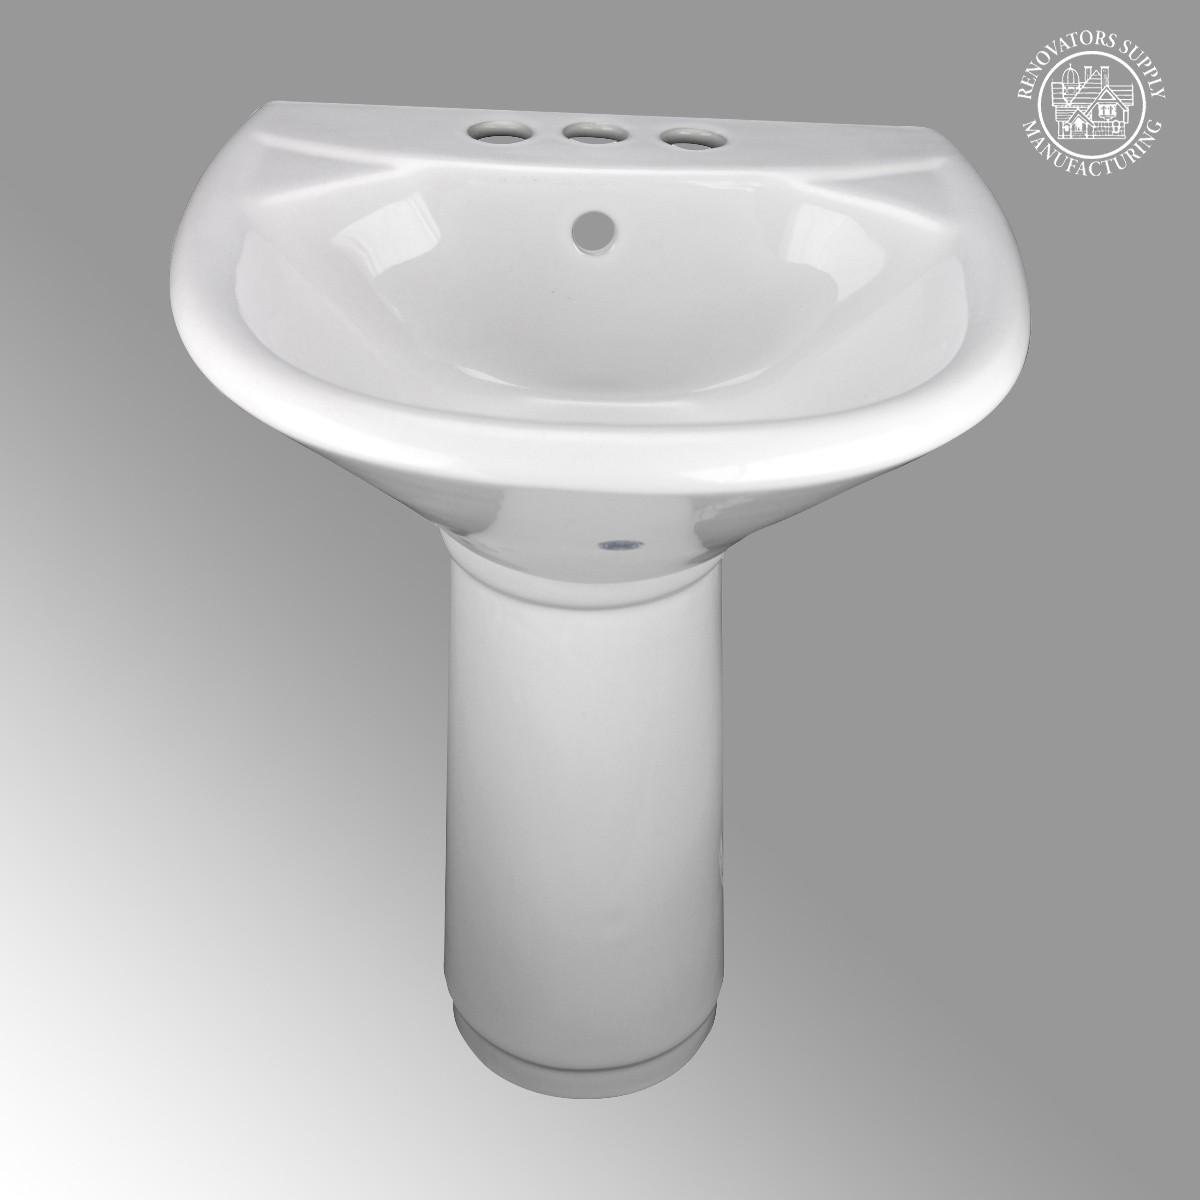 Pedestal Sink Cheap : Childrens Pedestal Sink Kids Wash Station White China